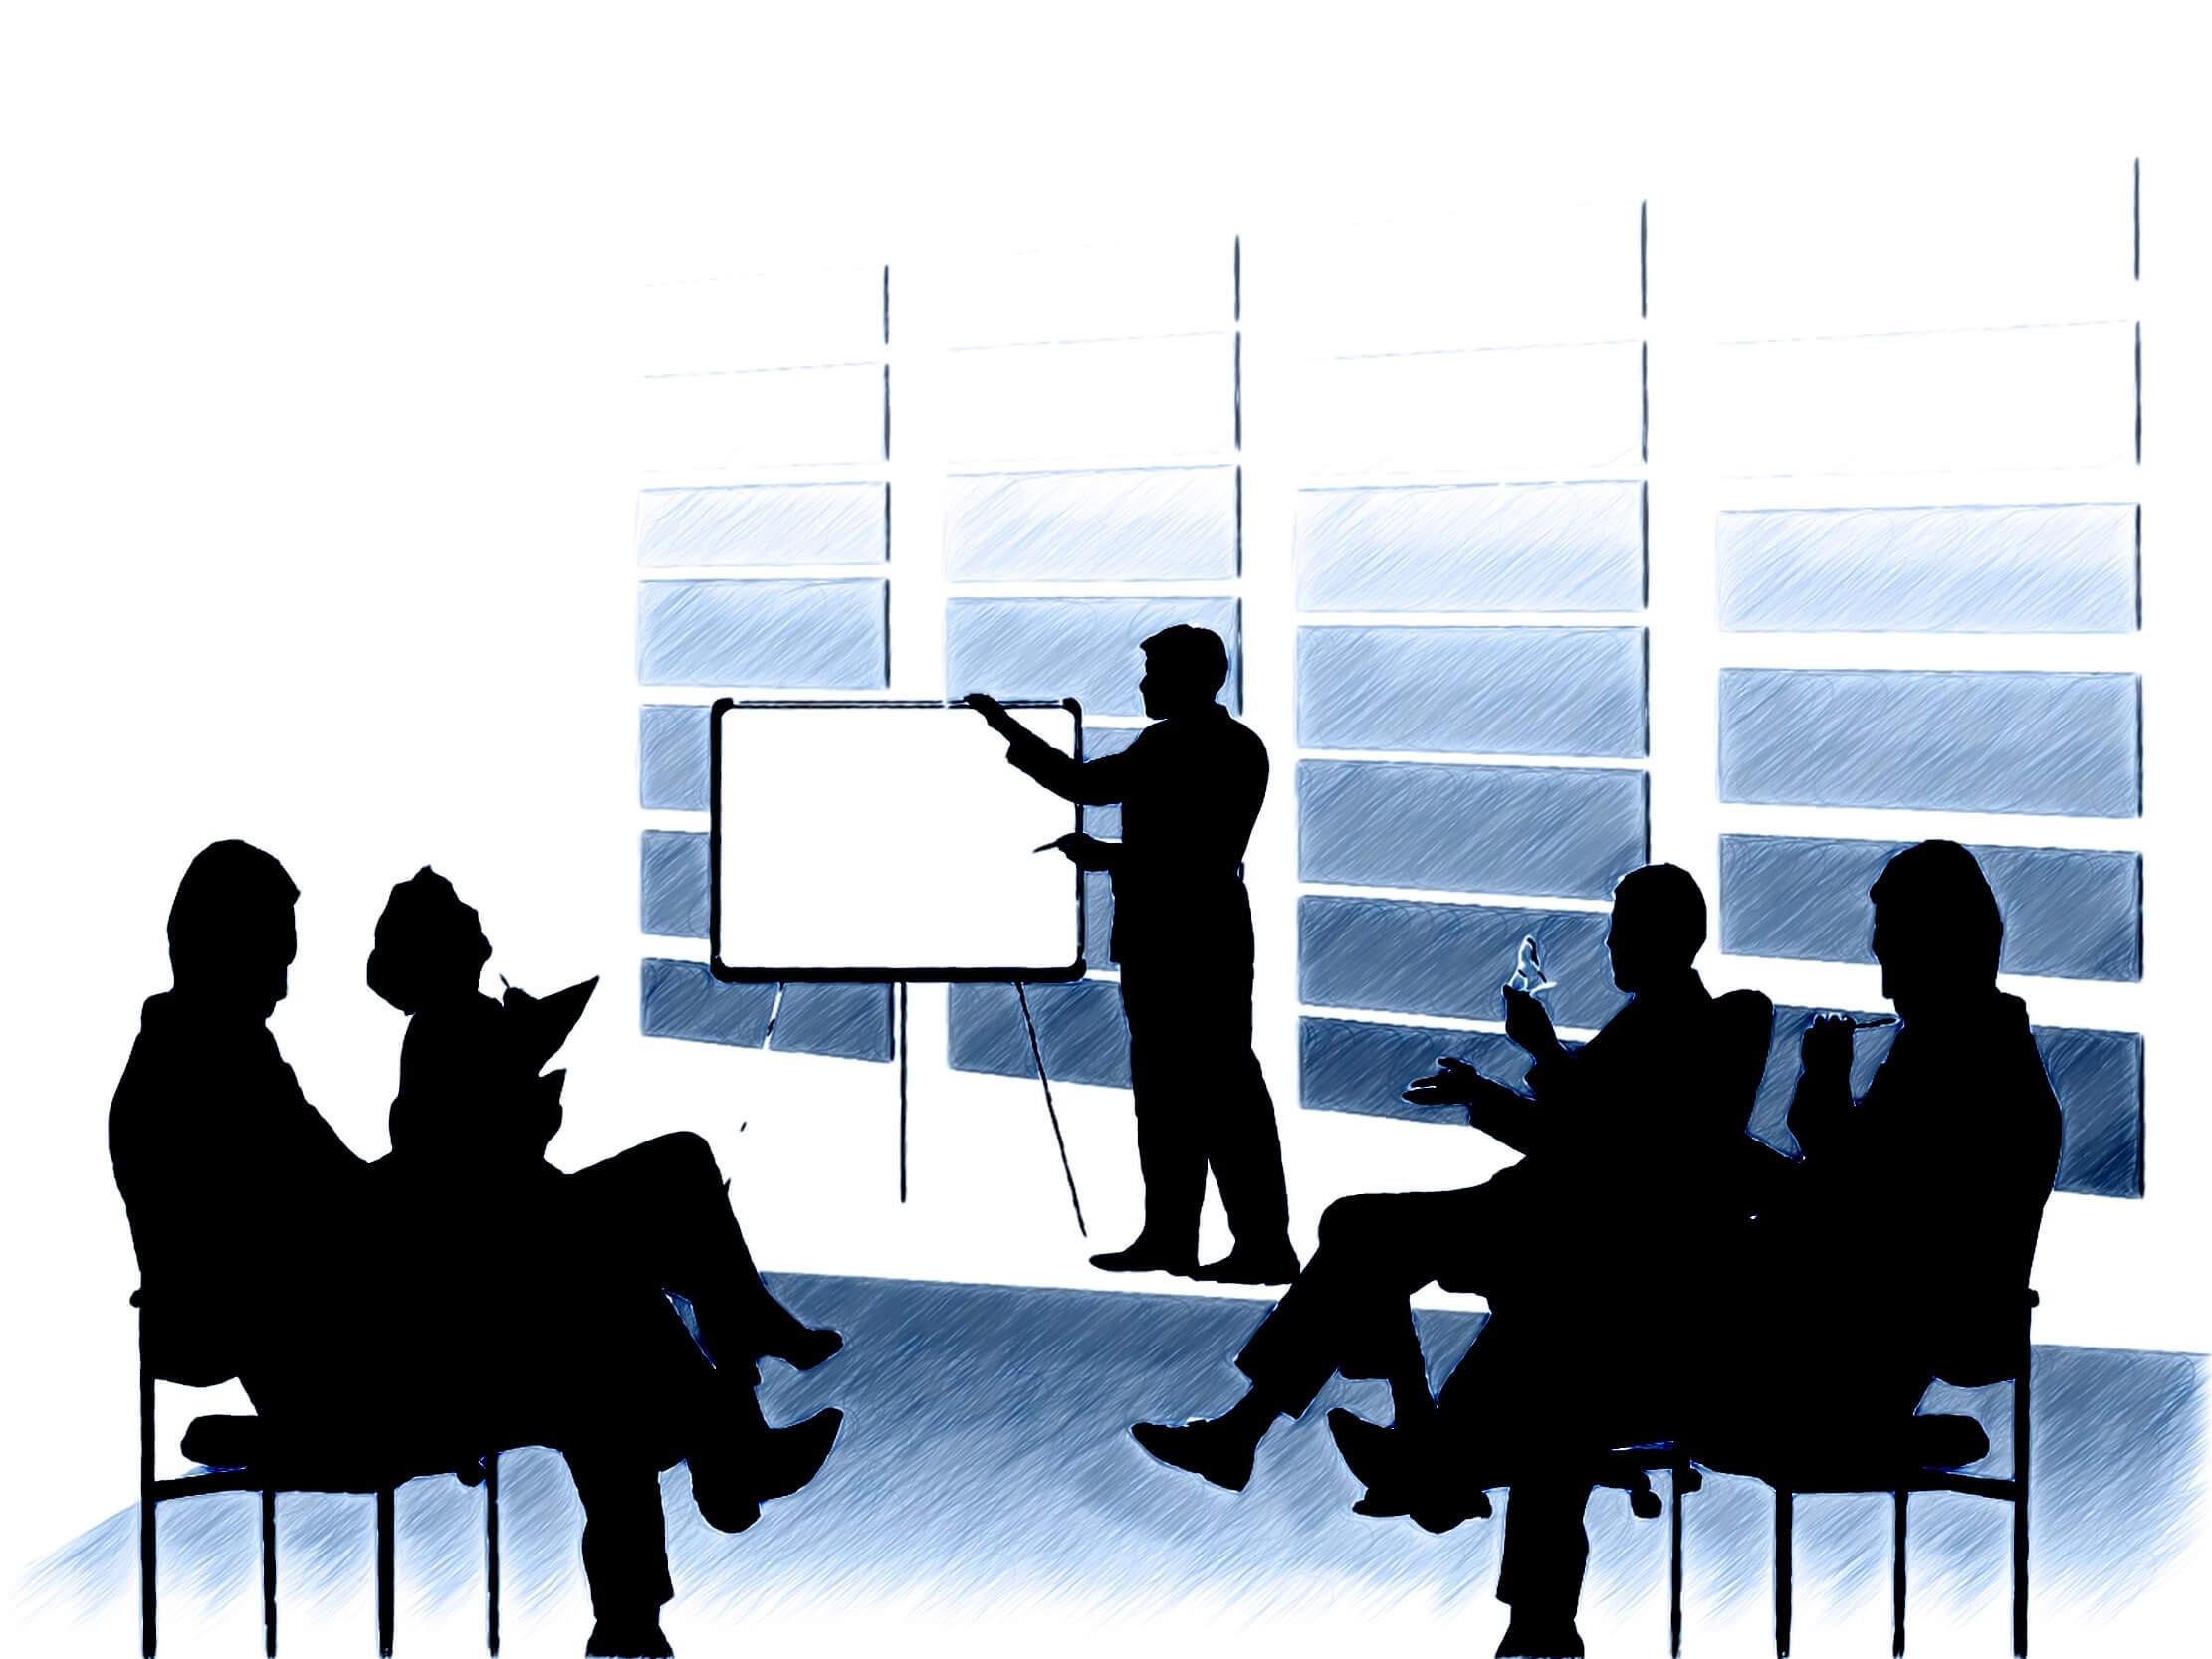 Báo cáo thiếu chuẩn xác là dấu hiệu cần phần mềm quản lý cho doanh nghiệp